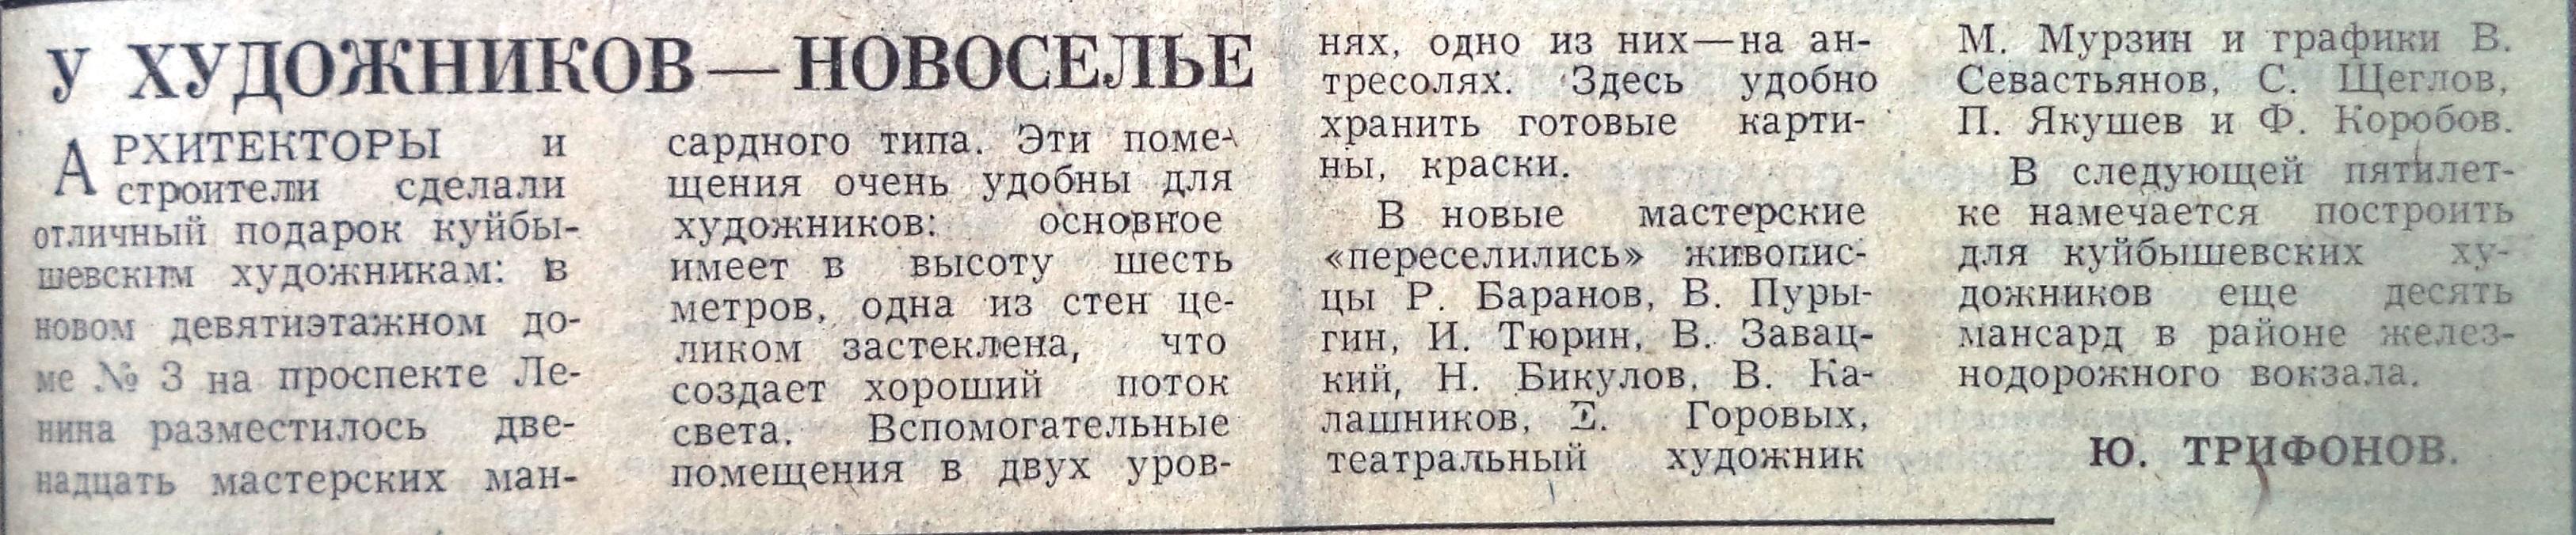 ФОТО-25-Ленина-ВЗя-1980-09-13-мансарды на пр. Лен.-3